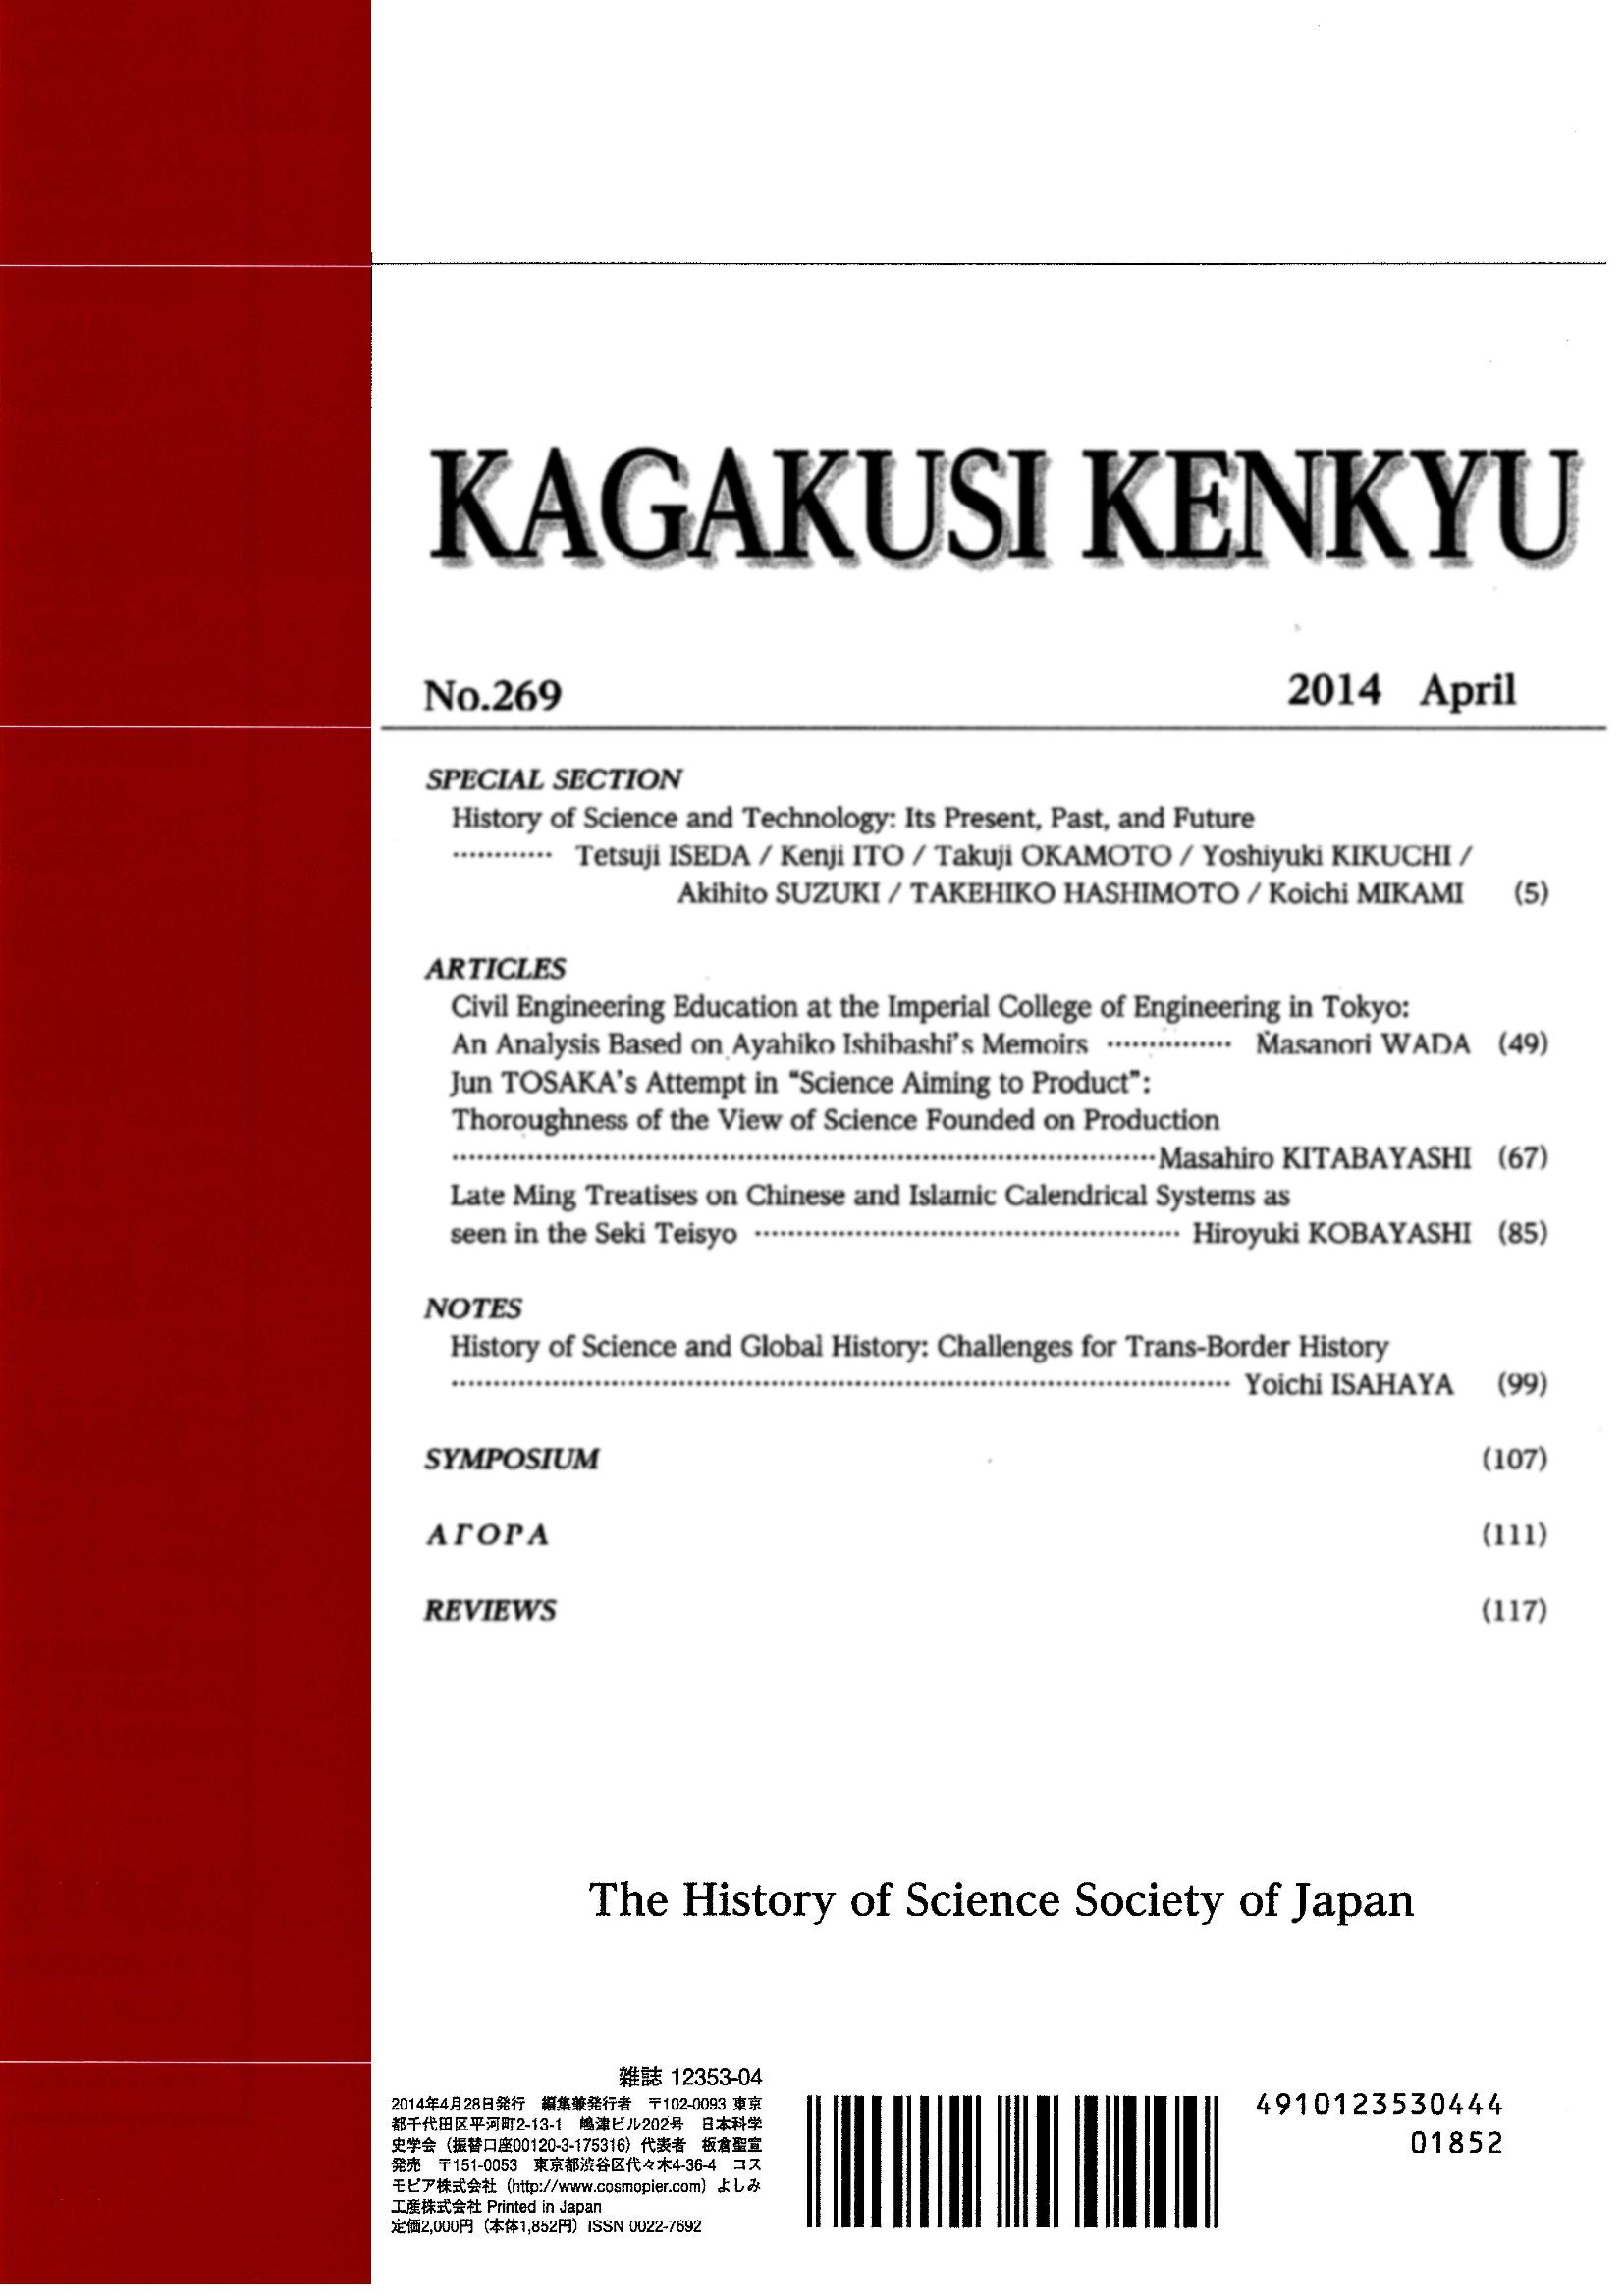 KK-Vol54-No1-No269-2014April-last